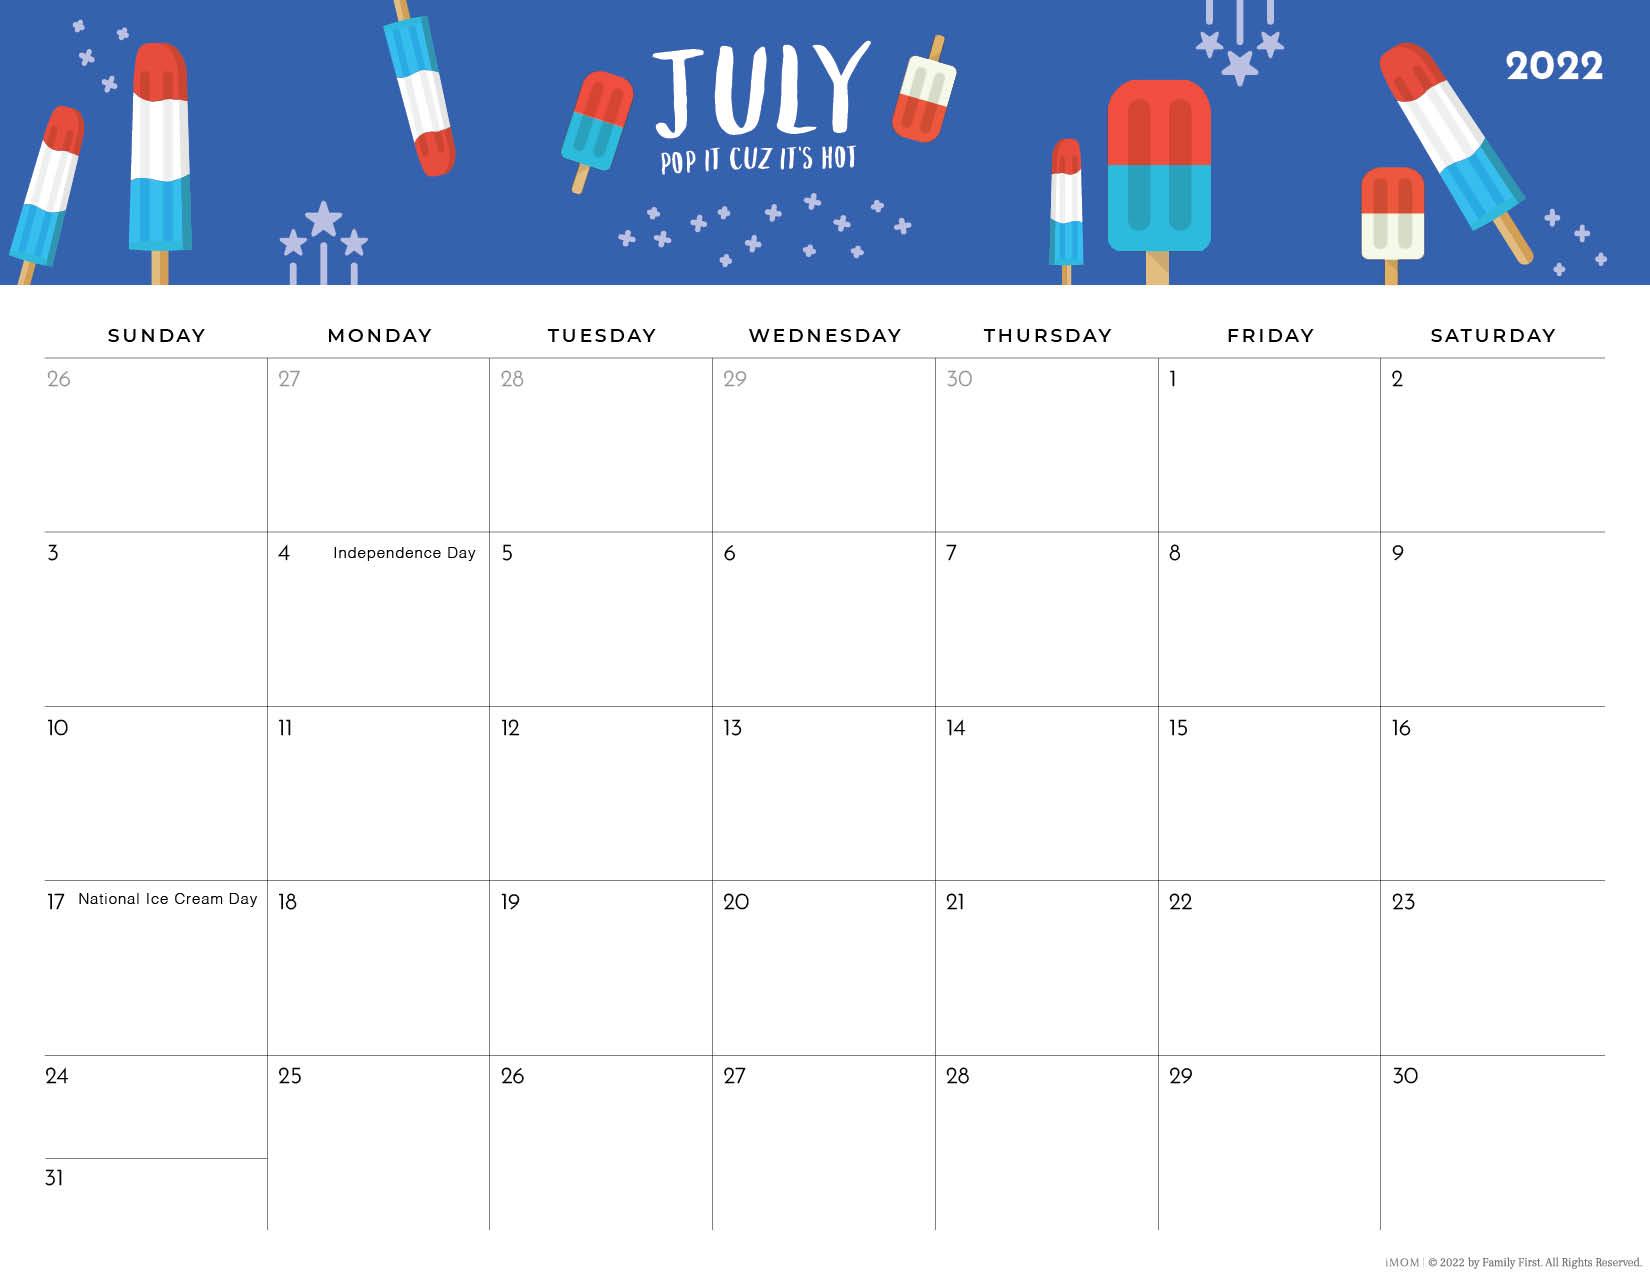 2022 july foodie printable calendar